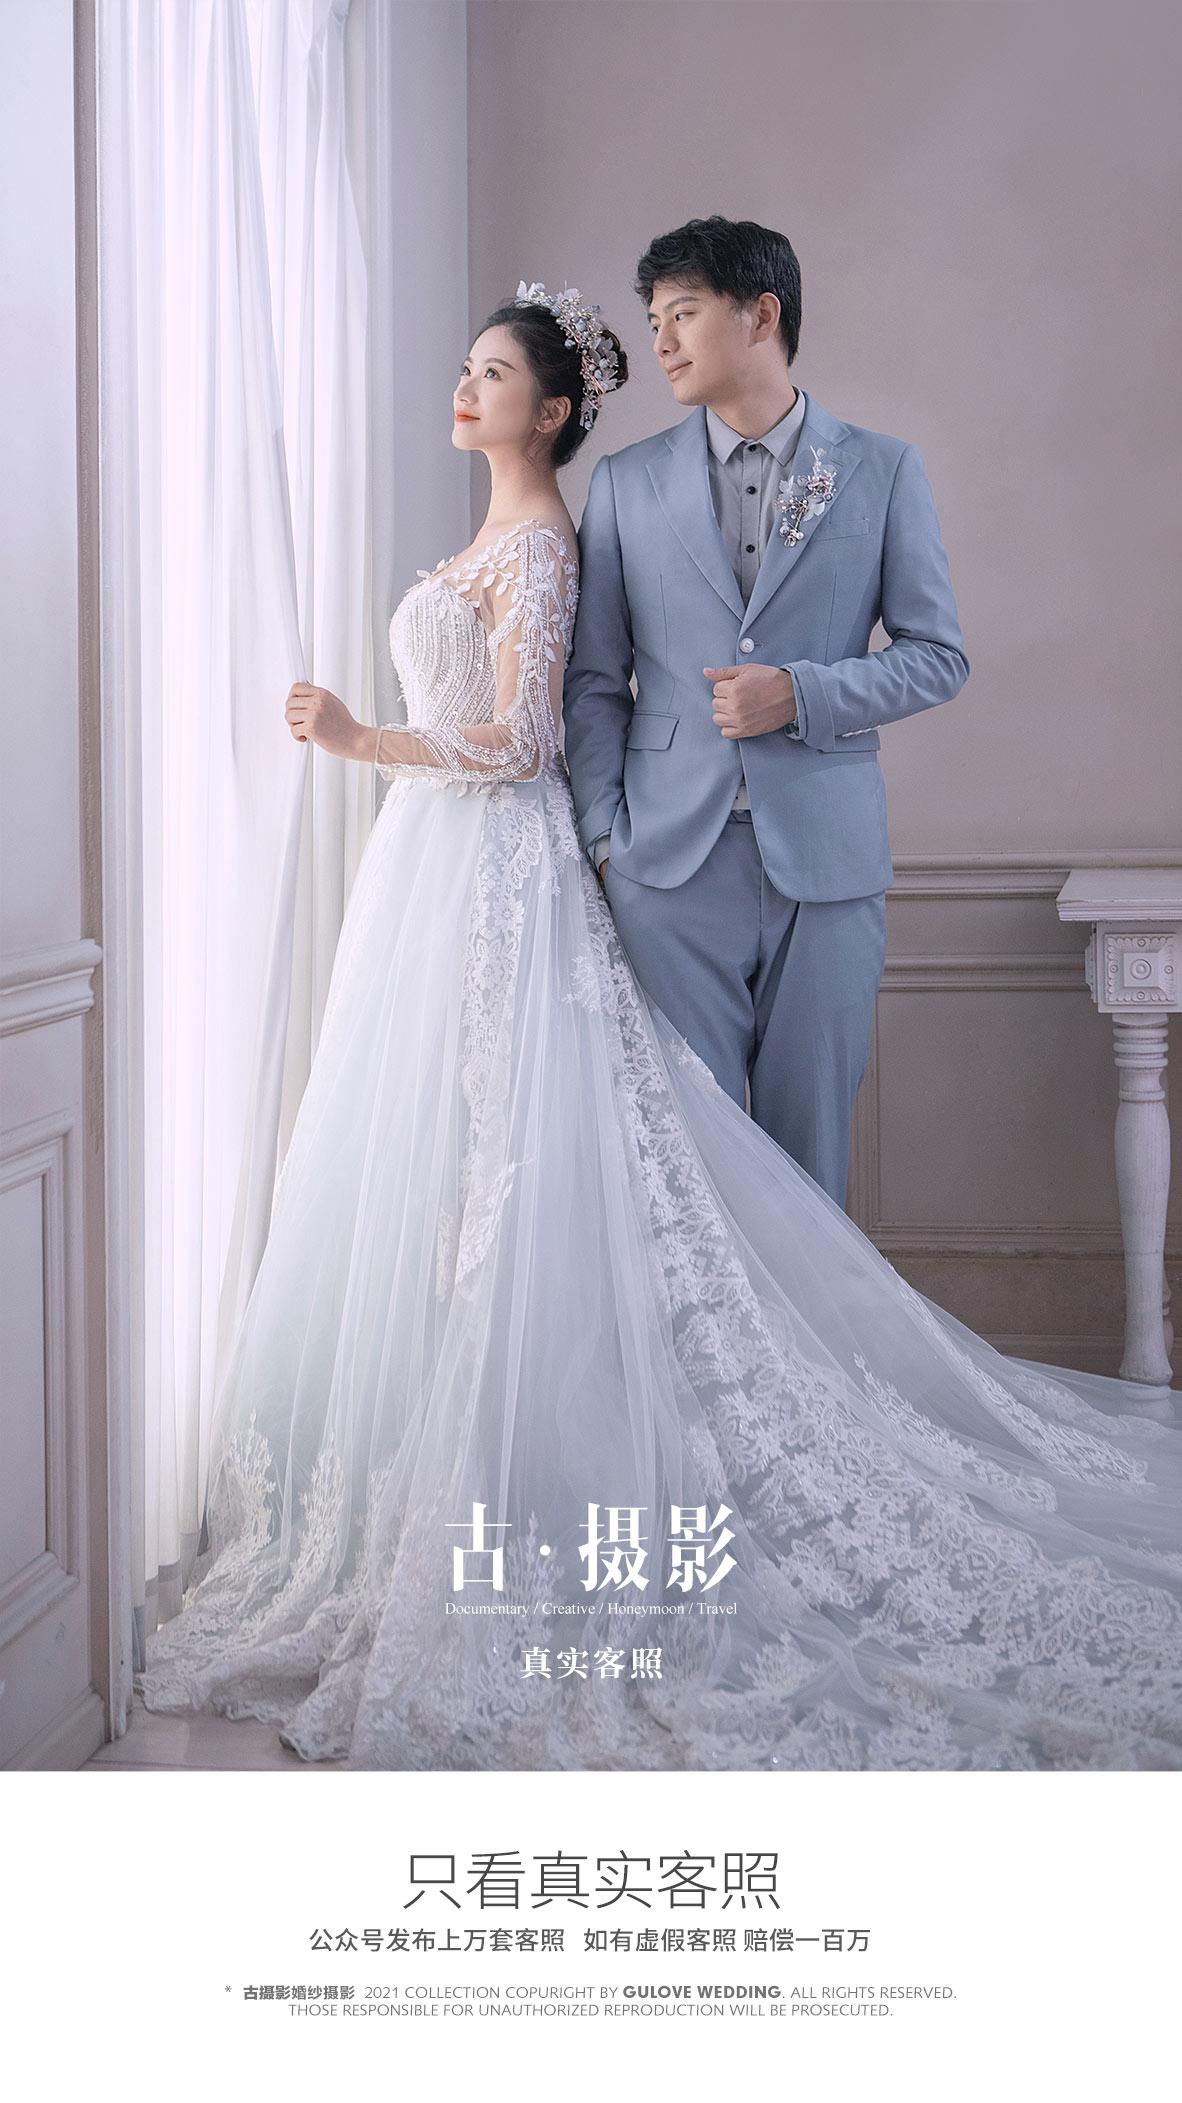 02月客照第二季 - 月度客照 - 古摄影婚纱艺术-古摄影成都婚纱摄影艺术摄影网